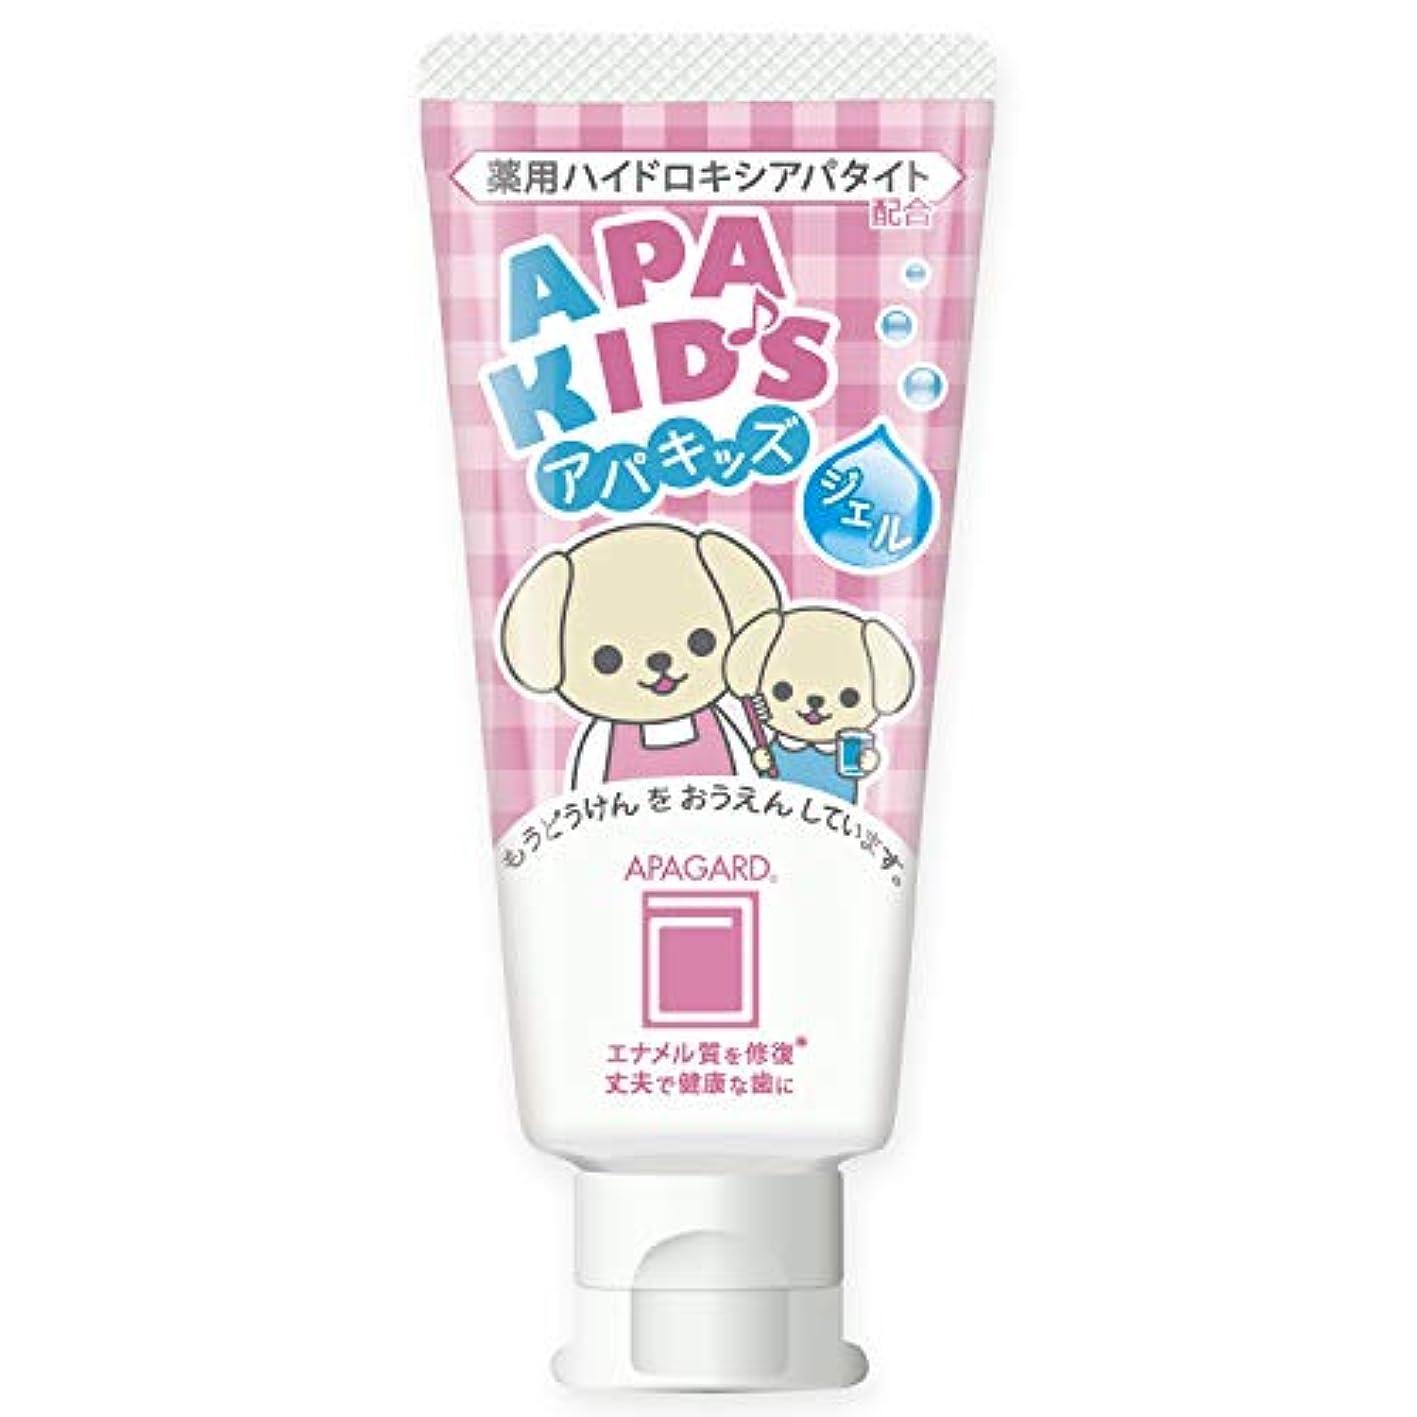 申し込む美容師オーナーAPAGARD(アパガード) アパガード(APAGARD) アパキッズジェル60g むし歯予防 こどもハミガキ ジェルタイプ イチゴ(医薬部外品)